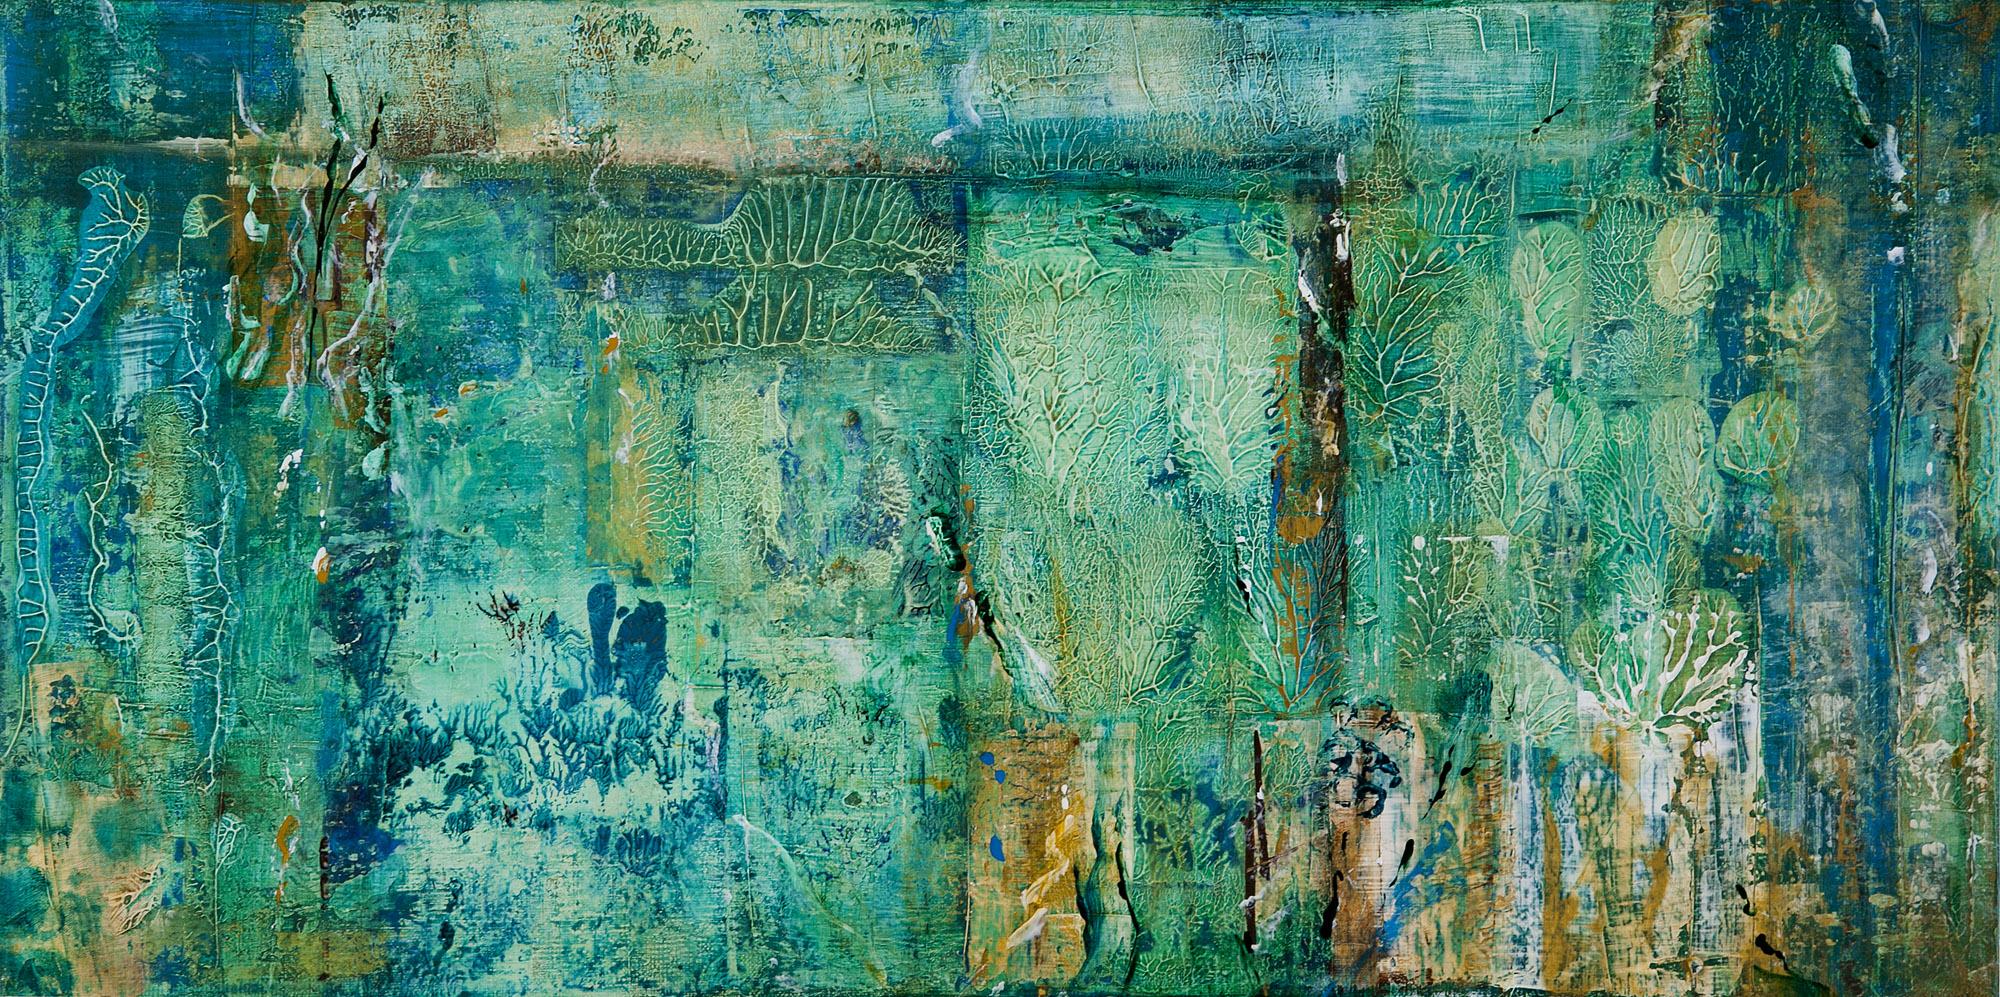 Espartinales, acrilico sobre lienzo, 30x60cm, 2014.jpg